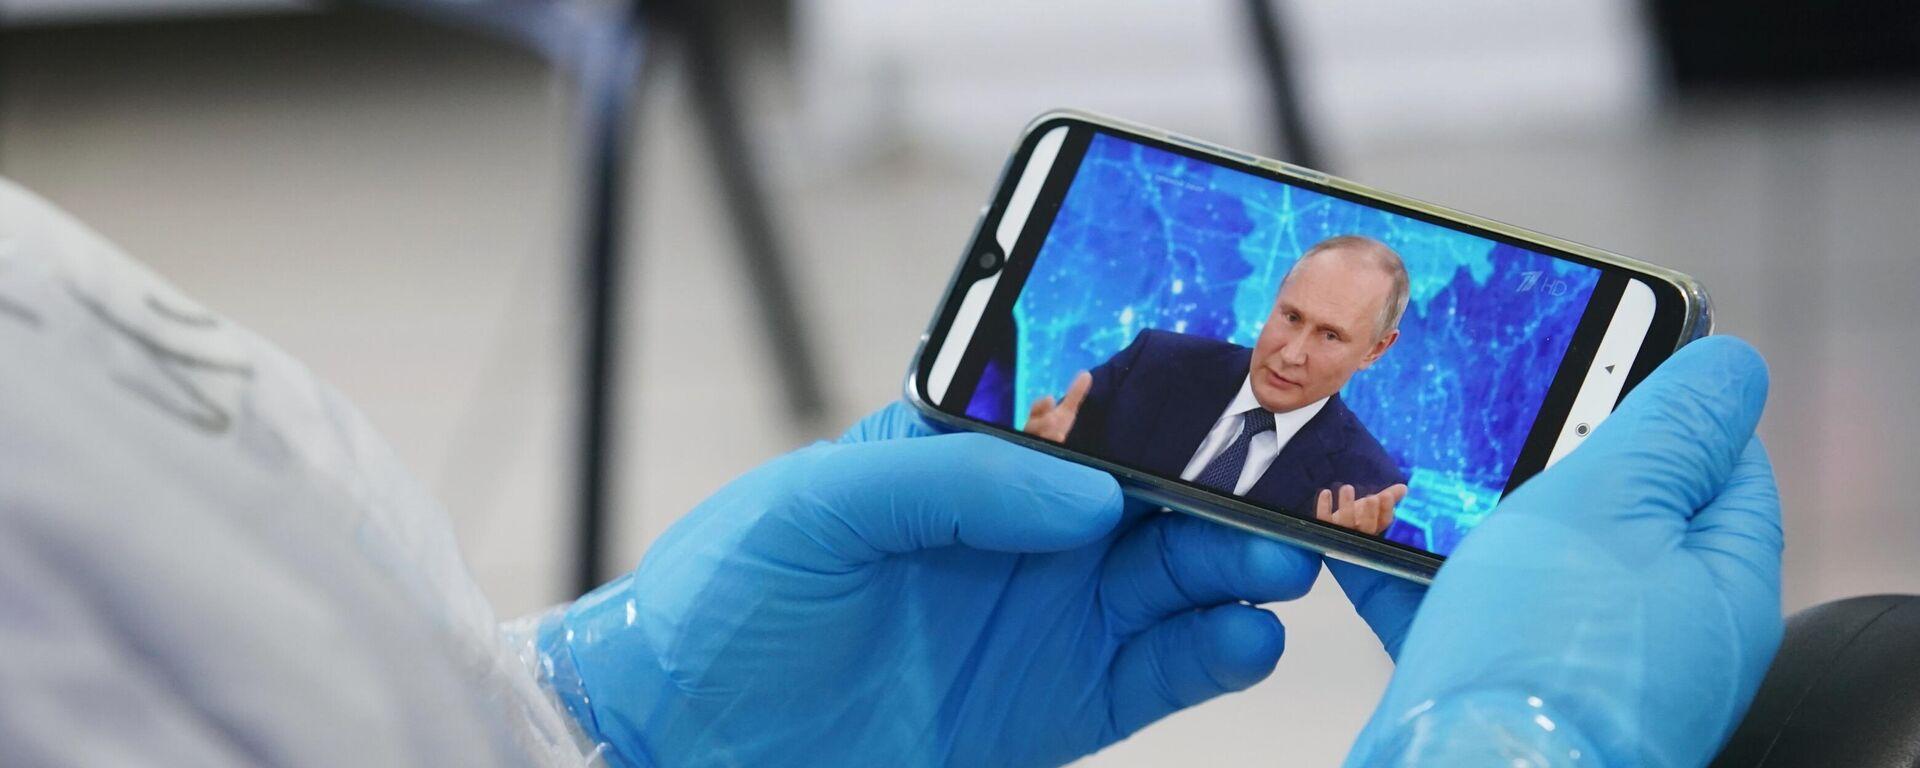 Трансляция большой пресс-конференции президента РФ В. Путина - Sputnik Таджикистан, 1920, 16.09.2021